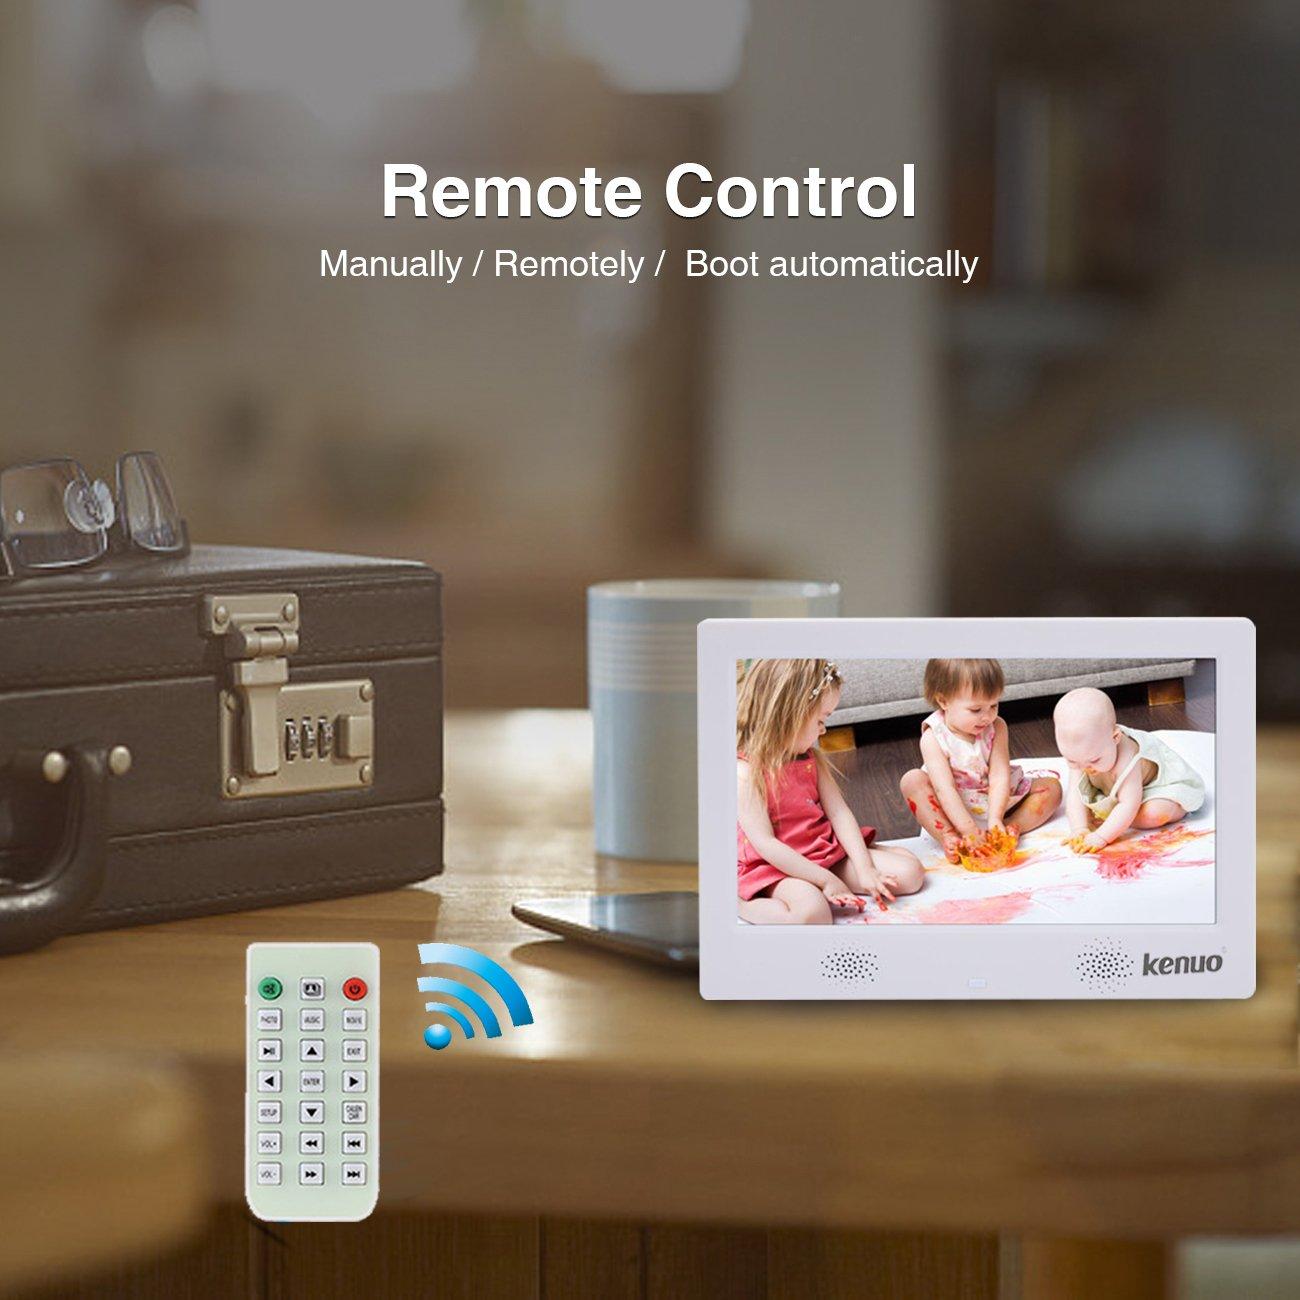 Marco de fotos digital 10.1 Pulgadas Pantalla IPS LED Marco Digital Multifuncional Resolución 1024X600 con Control Remoto Reloj Calendario Despertador de ...